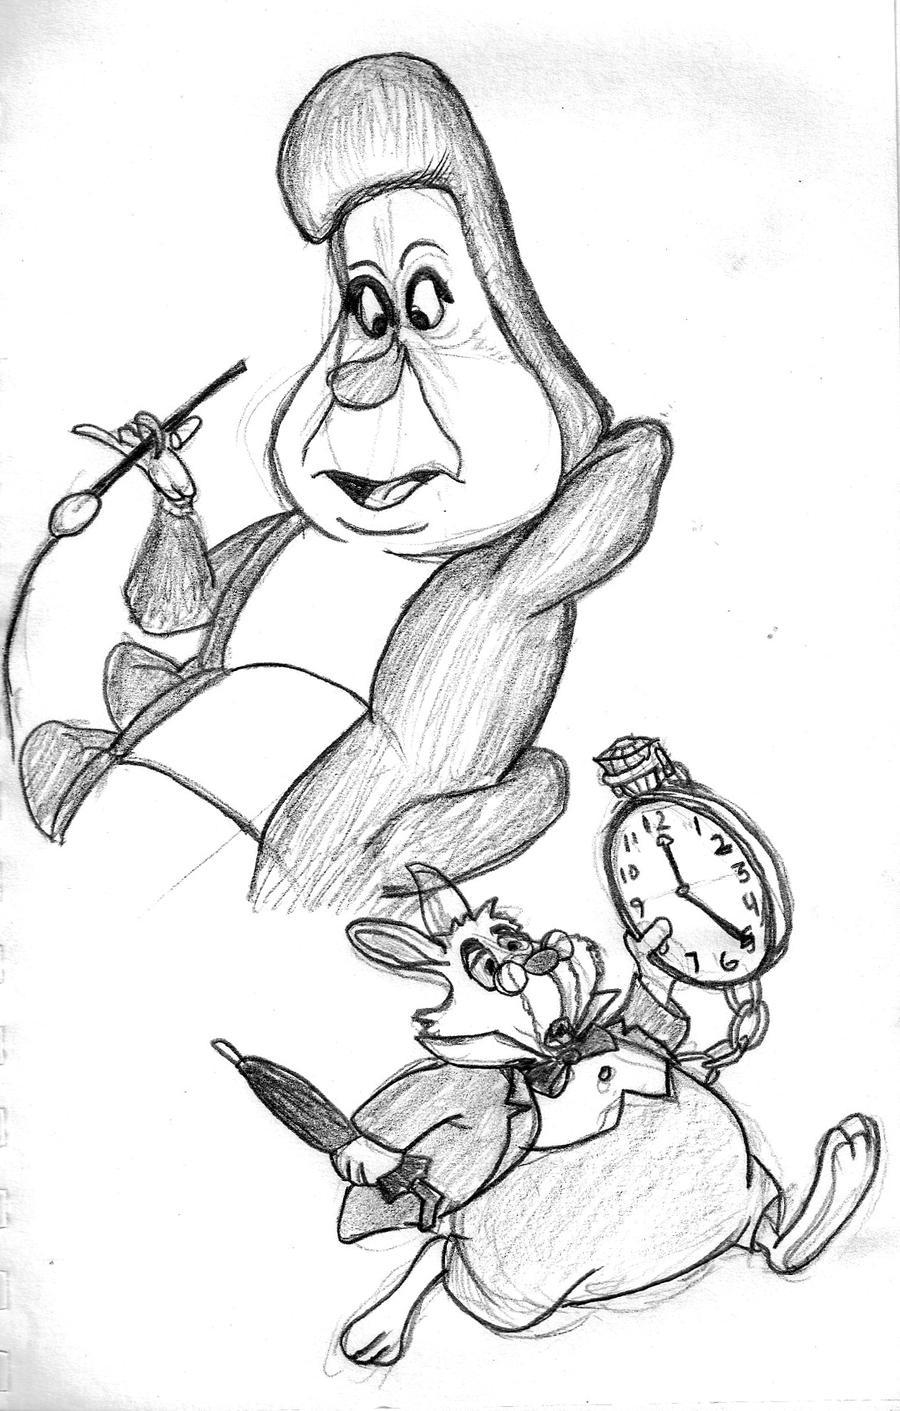 alice in wonderland sketch by gonzalexx1 on deviantart